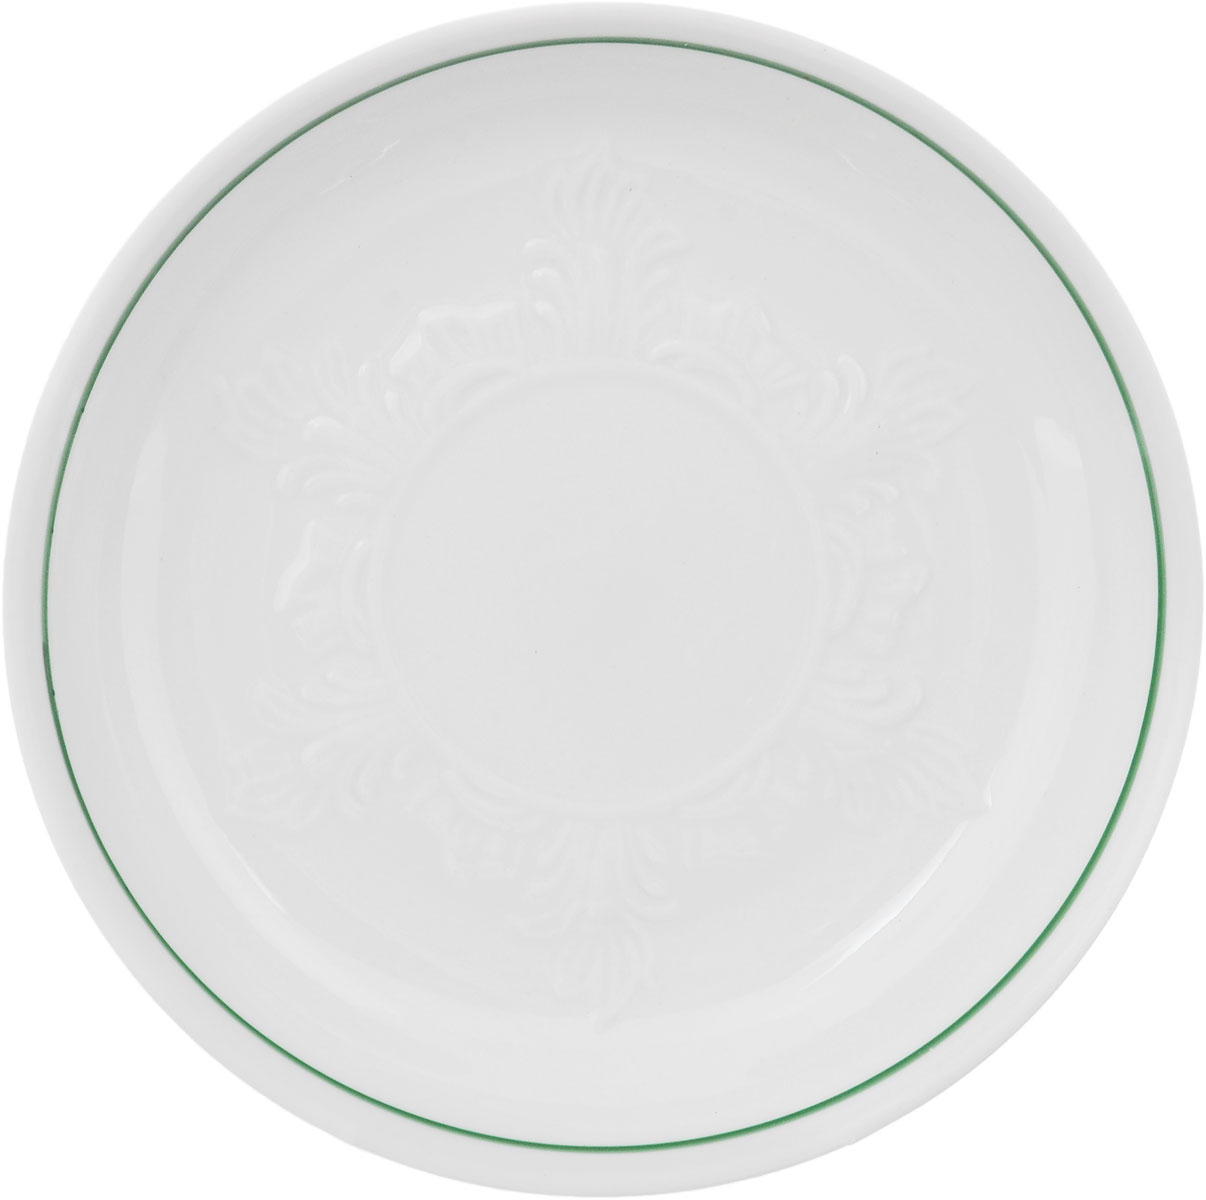 Блюдце Фарфор Вербилок, диаметр 14 см. 76811607681160Блюдце Фарфор Вербилок выполнено из высококачественного фарфора. Изделие идеально подойдет для сервировки стола и станет отличным подарком к любому празднику.Диаметр блюдца (по верхнему краю): 14 см.Высота блюдца: 2,5 см.